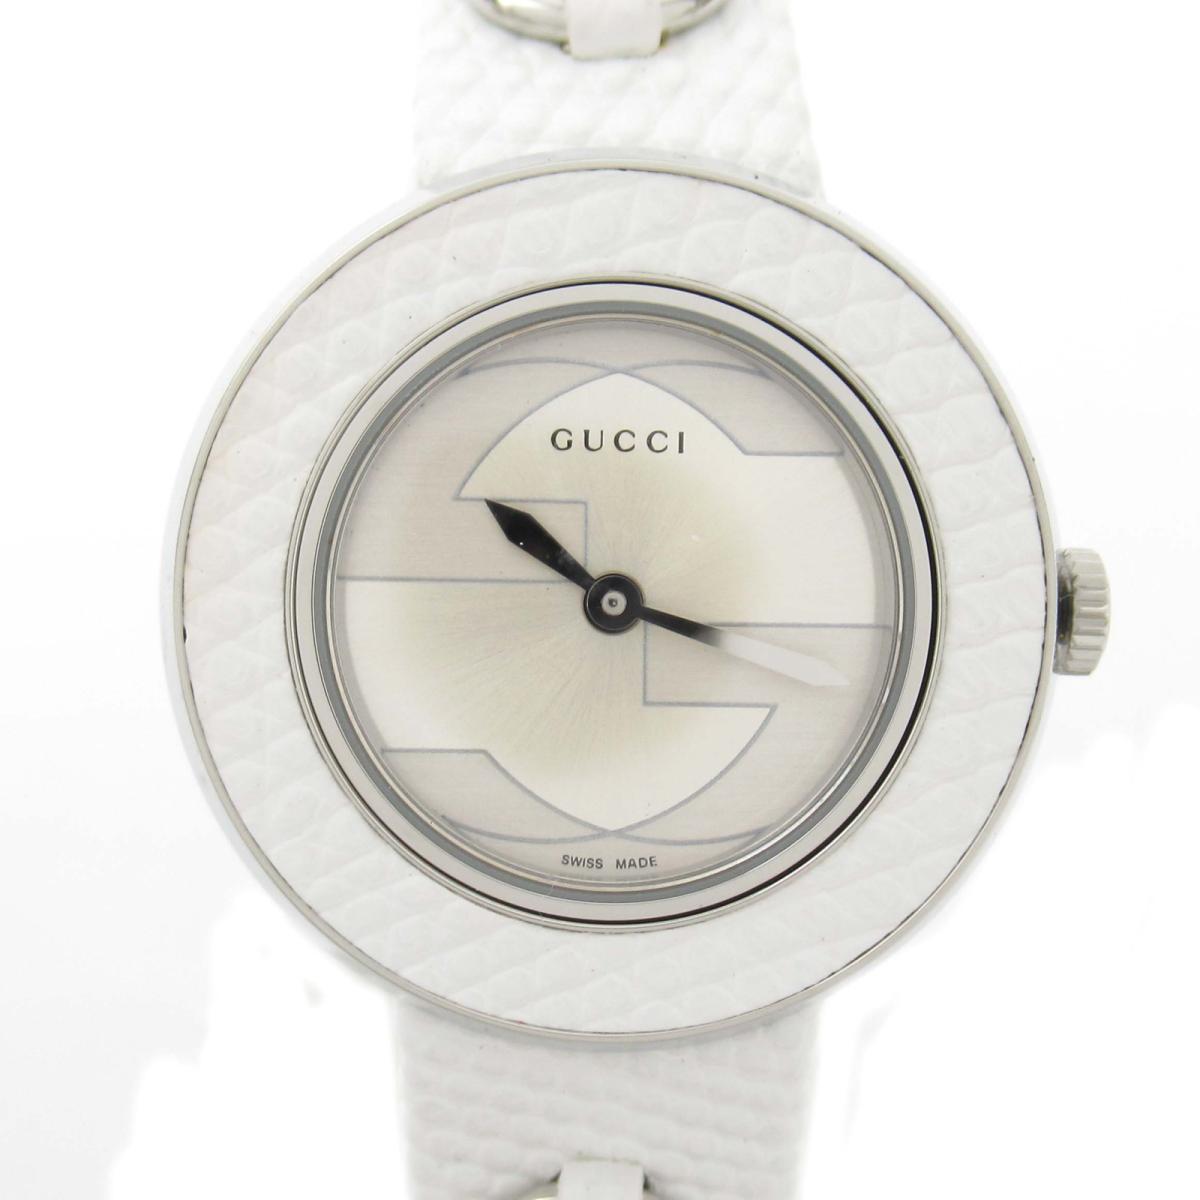 【中古】 グッチ ユープレイ ウォッチ 腕時計 レディース ステンレススチール (SS) x レザーベルト (129.5/YA129515) | GUCCI BRANDOFF ブランドオフ ブランド ブランド時計 ブランド腕時計 時計